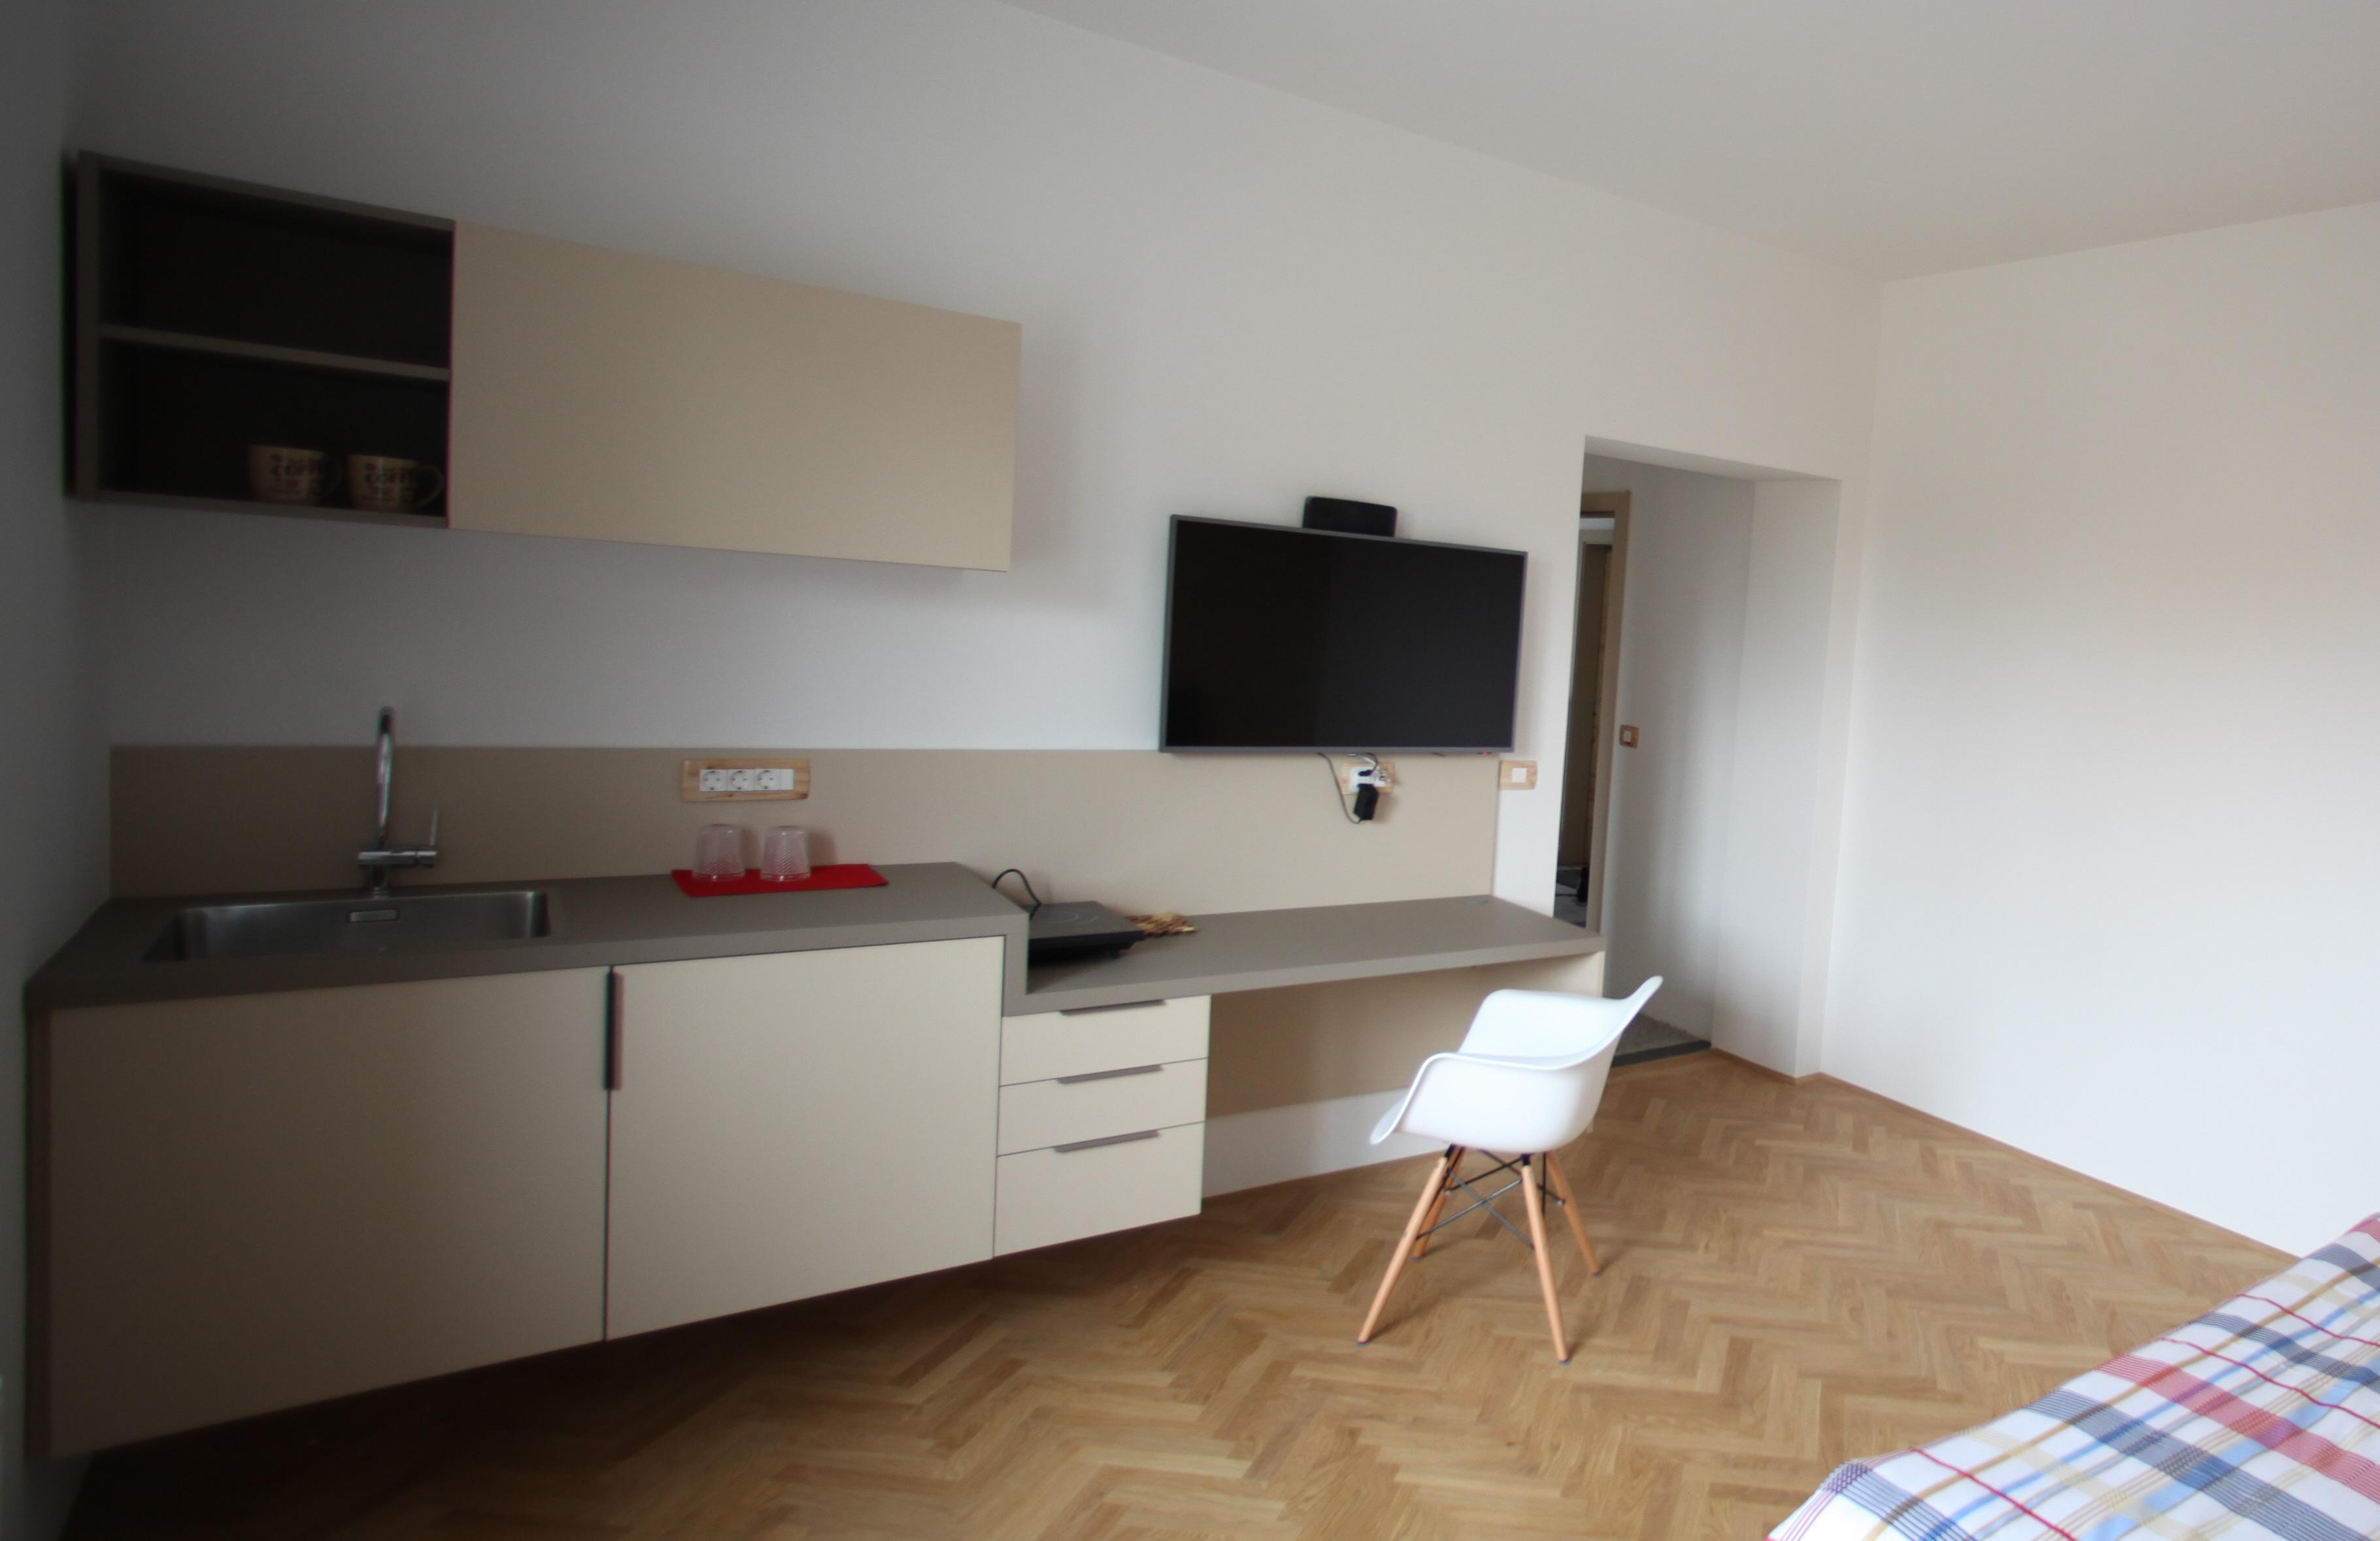 projekt: čajna kuhinja za apartma, Ljubljana